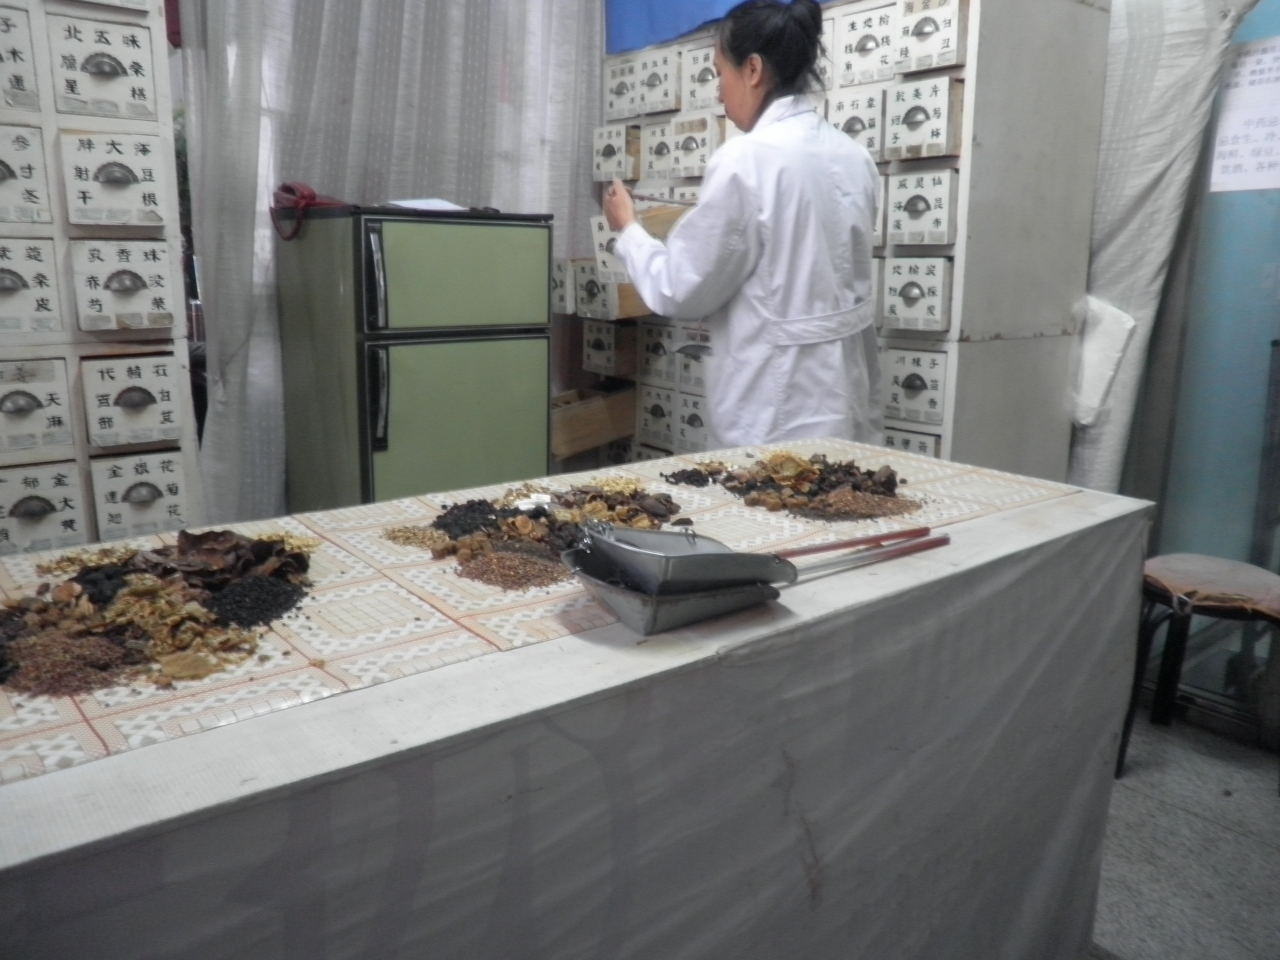 中国版新幹線(高鉄)の旅、漢方薬を購入。